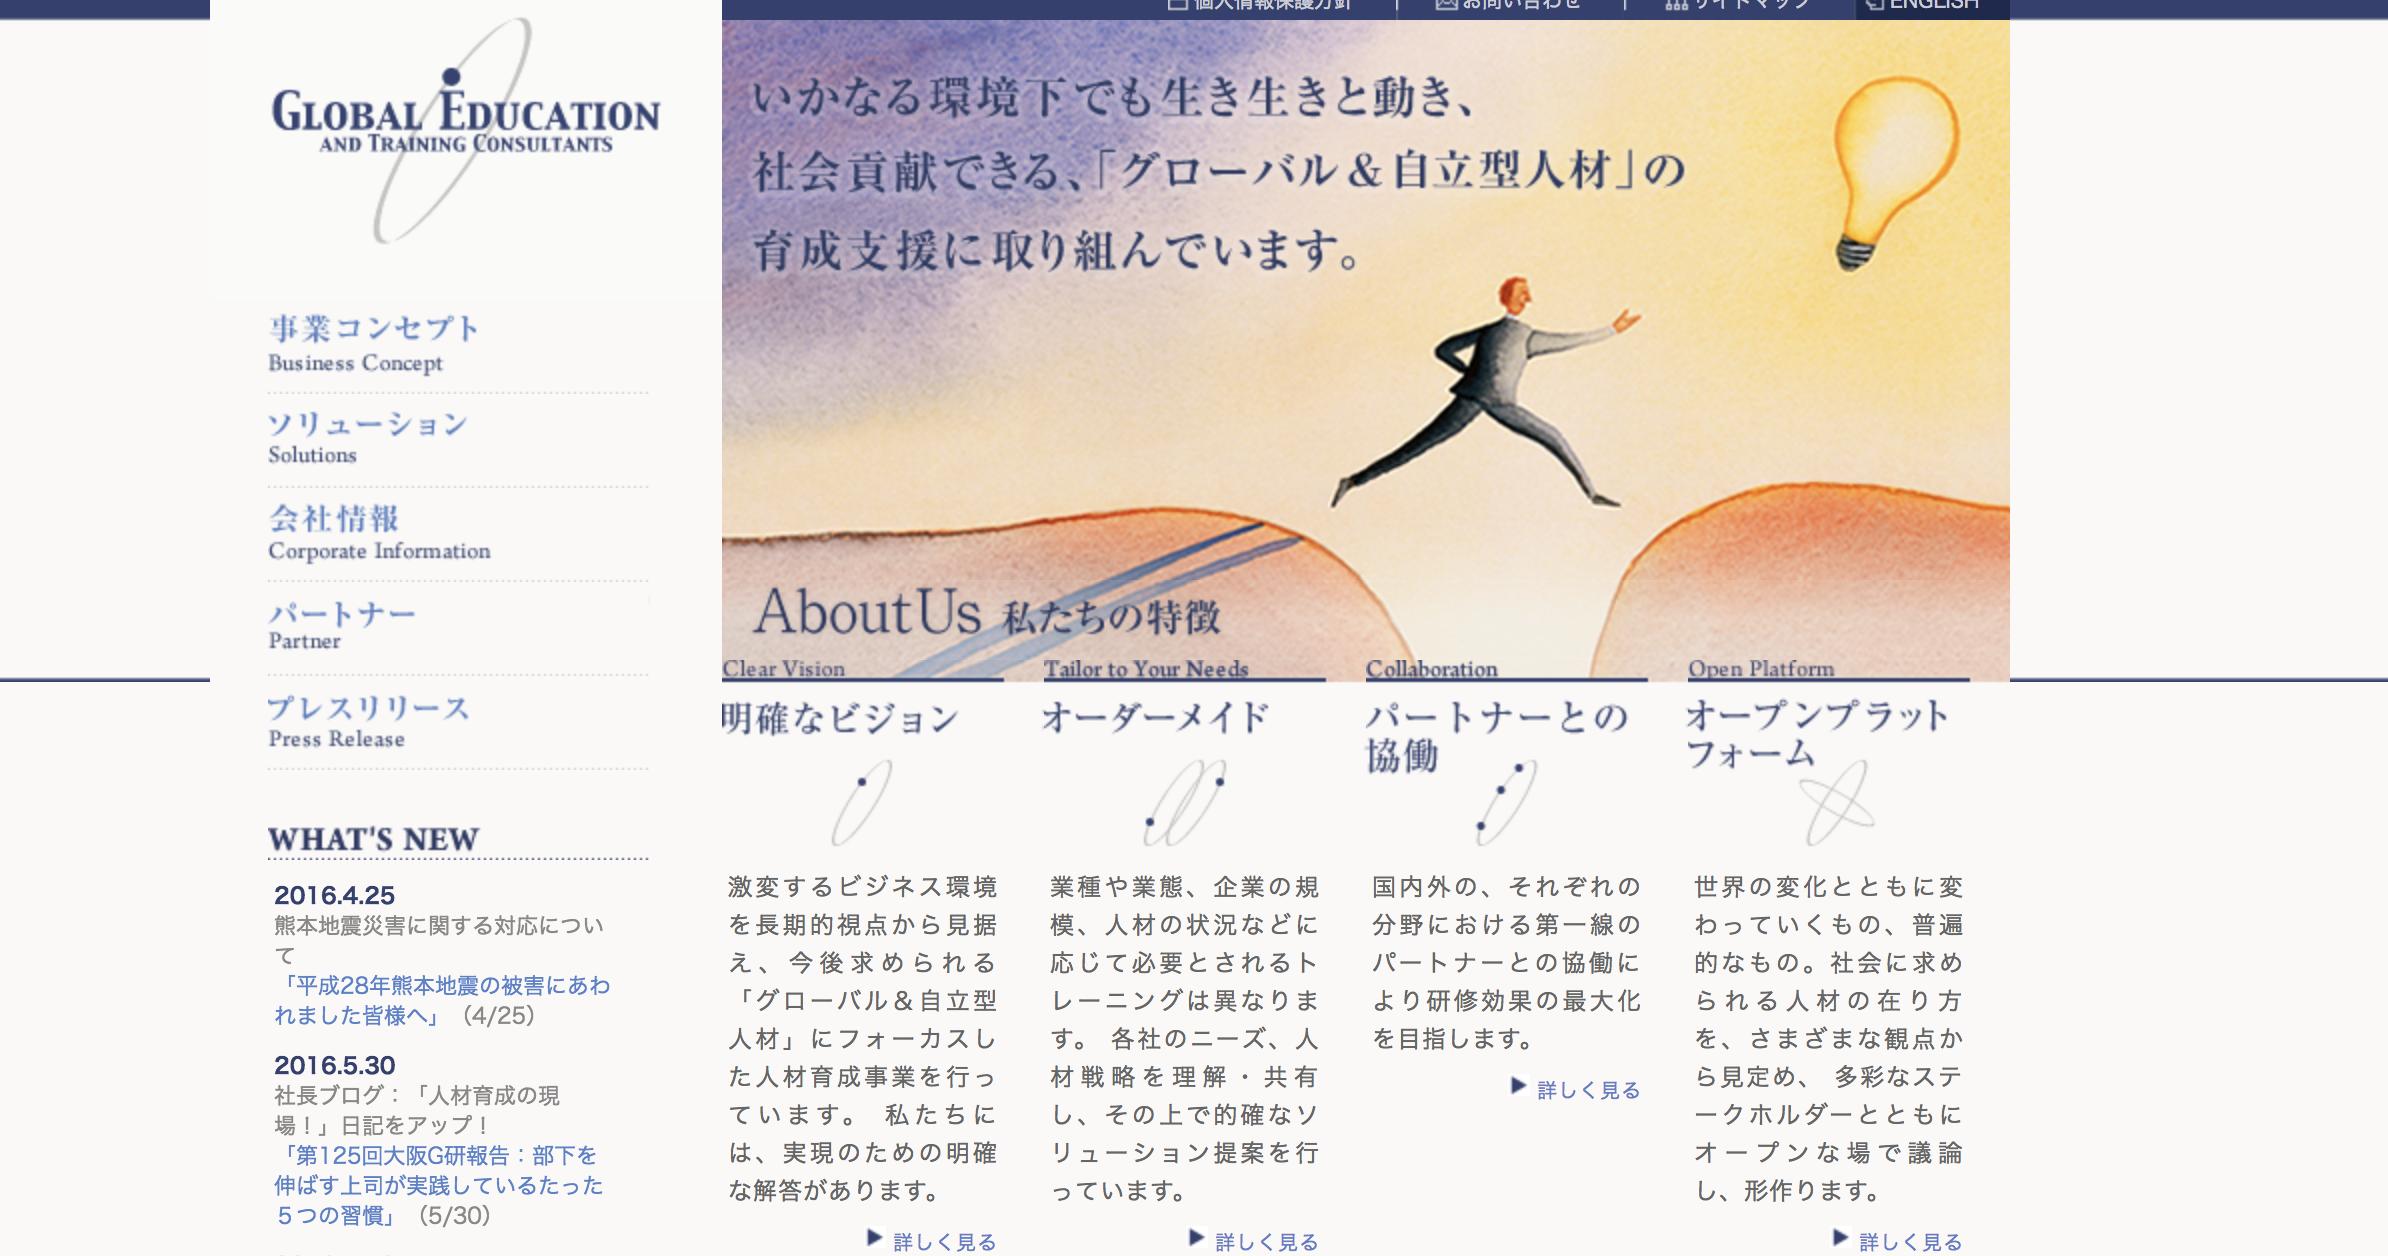 【保存版】外国人社員向けの研修を実施している研修会社おすすめ10選